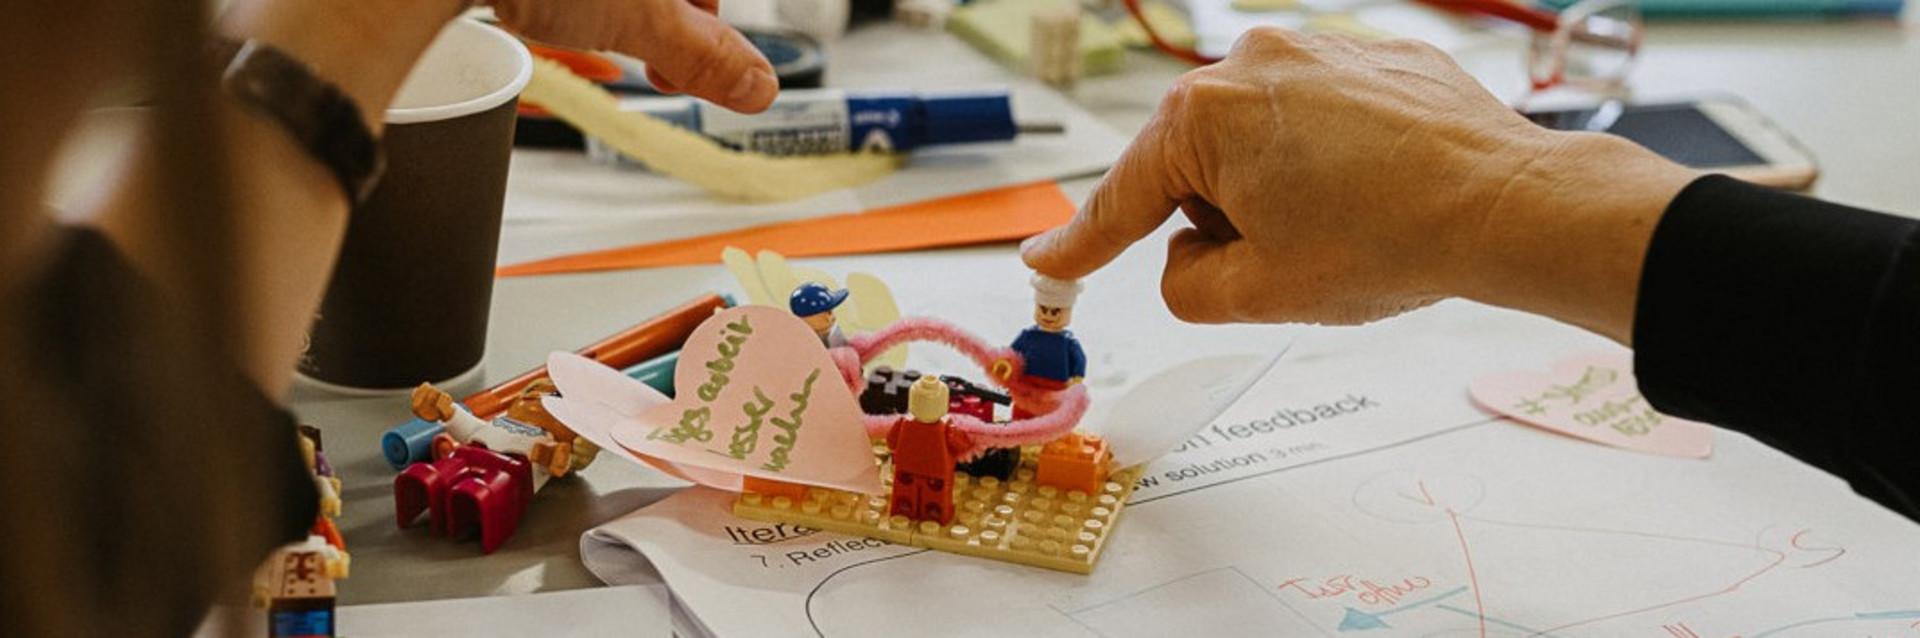 Legobausteine und Hände als Symbolbild für das Bauen von Prototypen